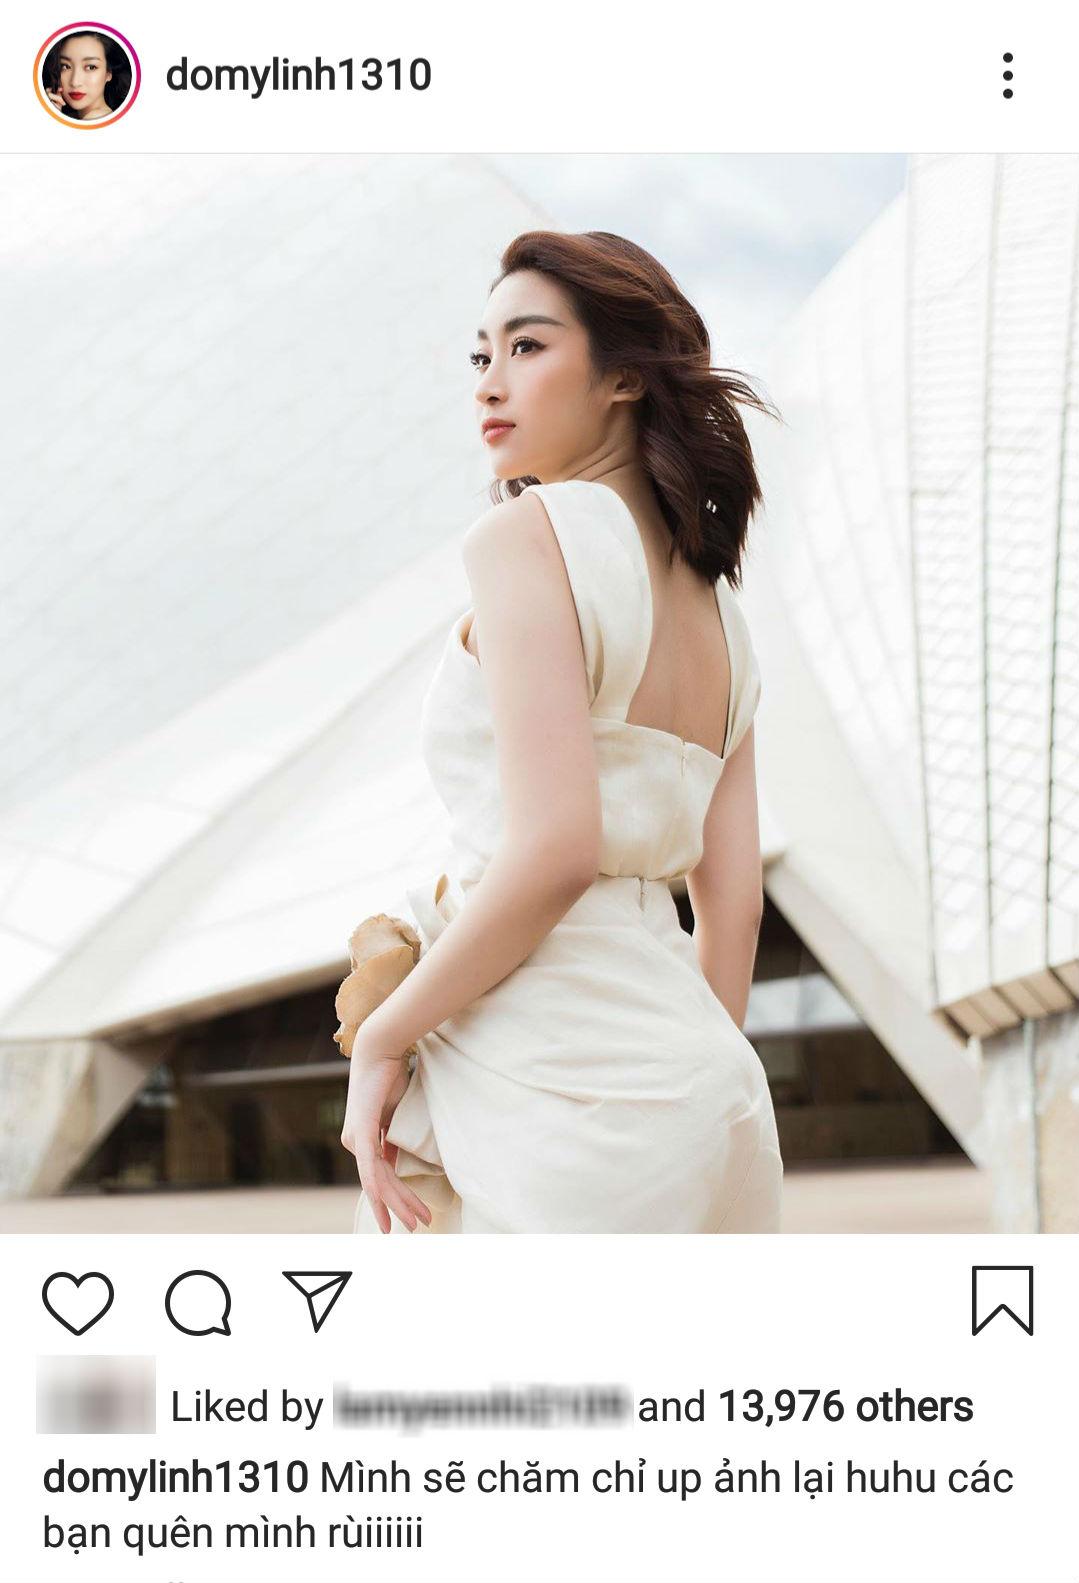 Sao Việt đua nhau khoe body sexy trên Instagram - Ảnh 10